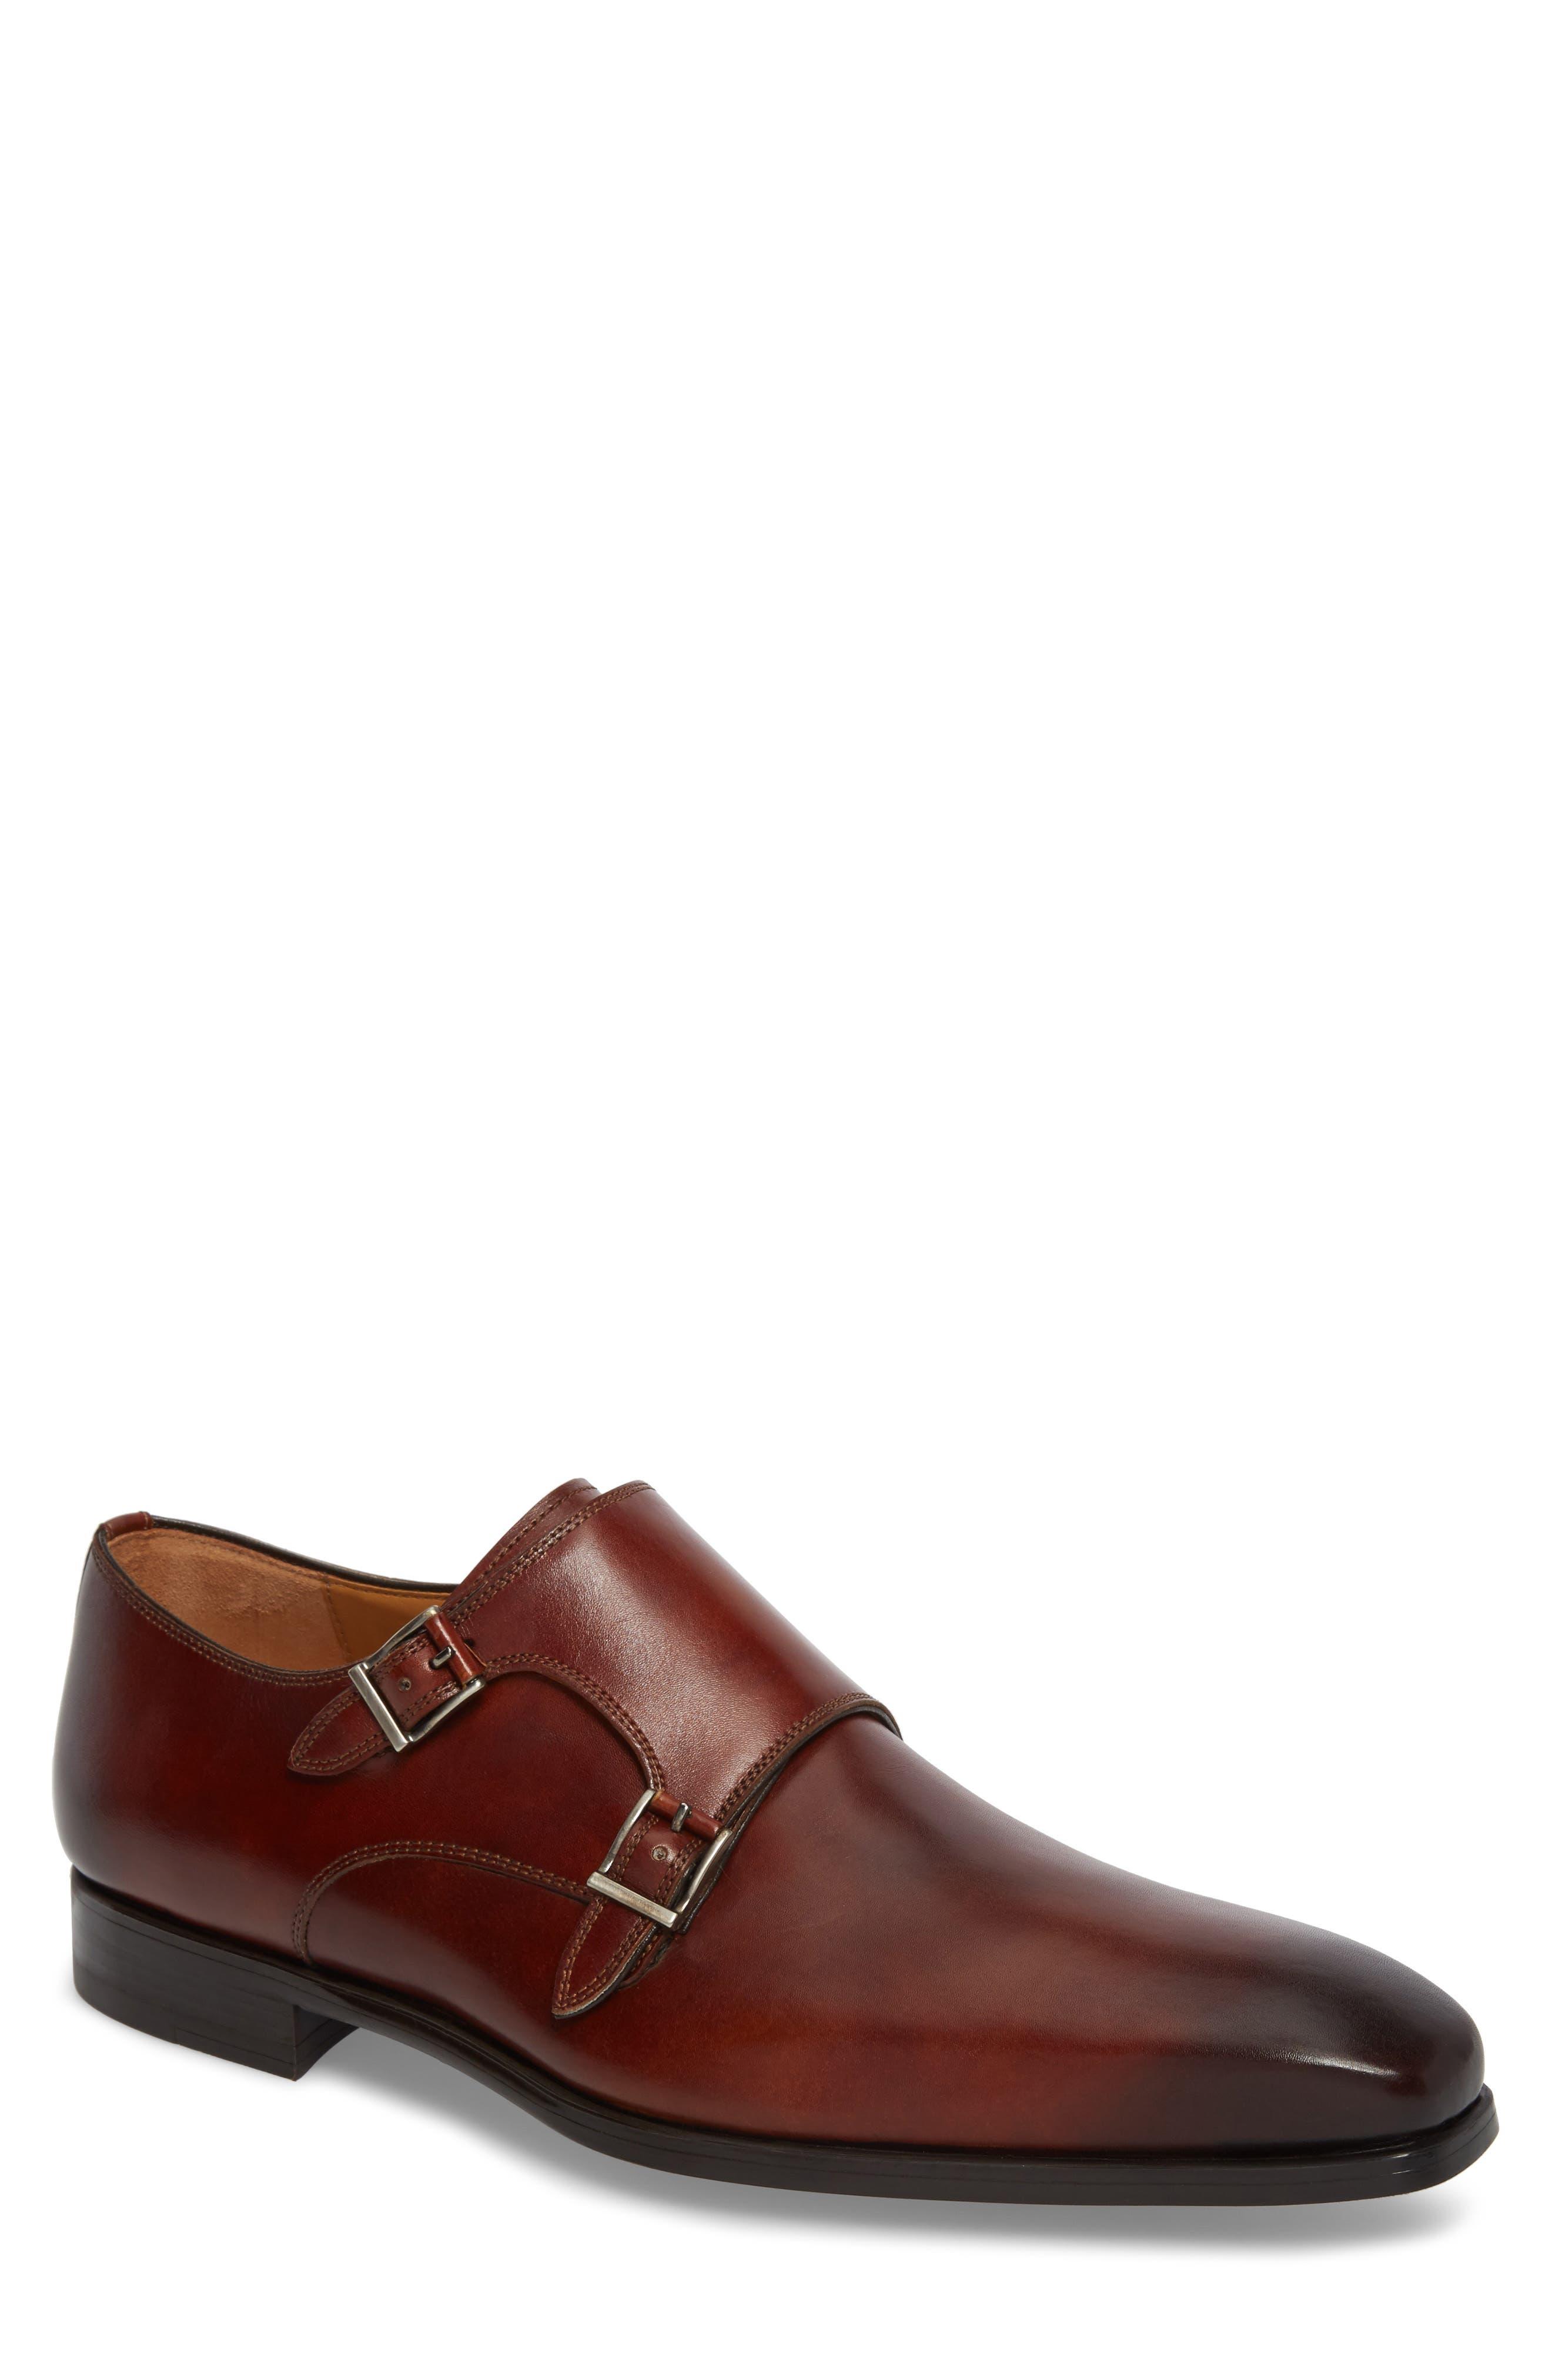 Ramolo Double Monk Strap Shoe,                             Main thumbnail 2, color,